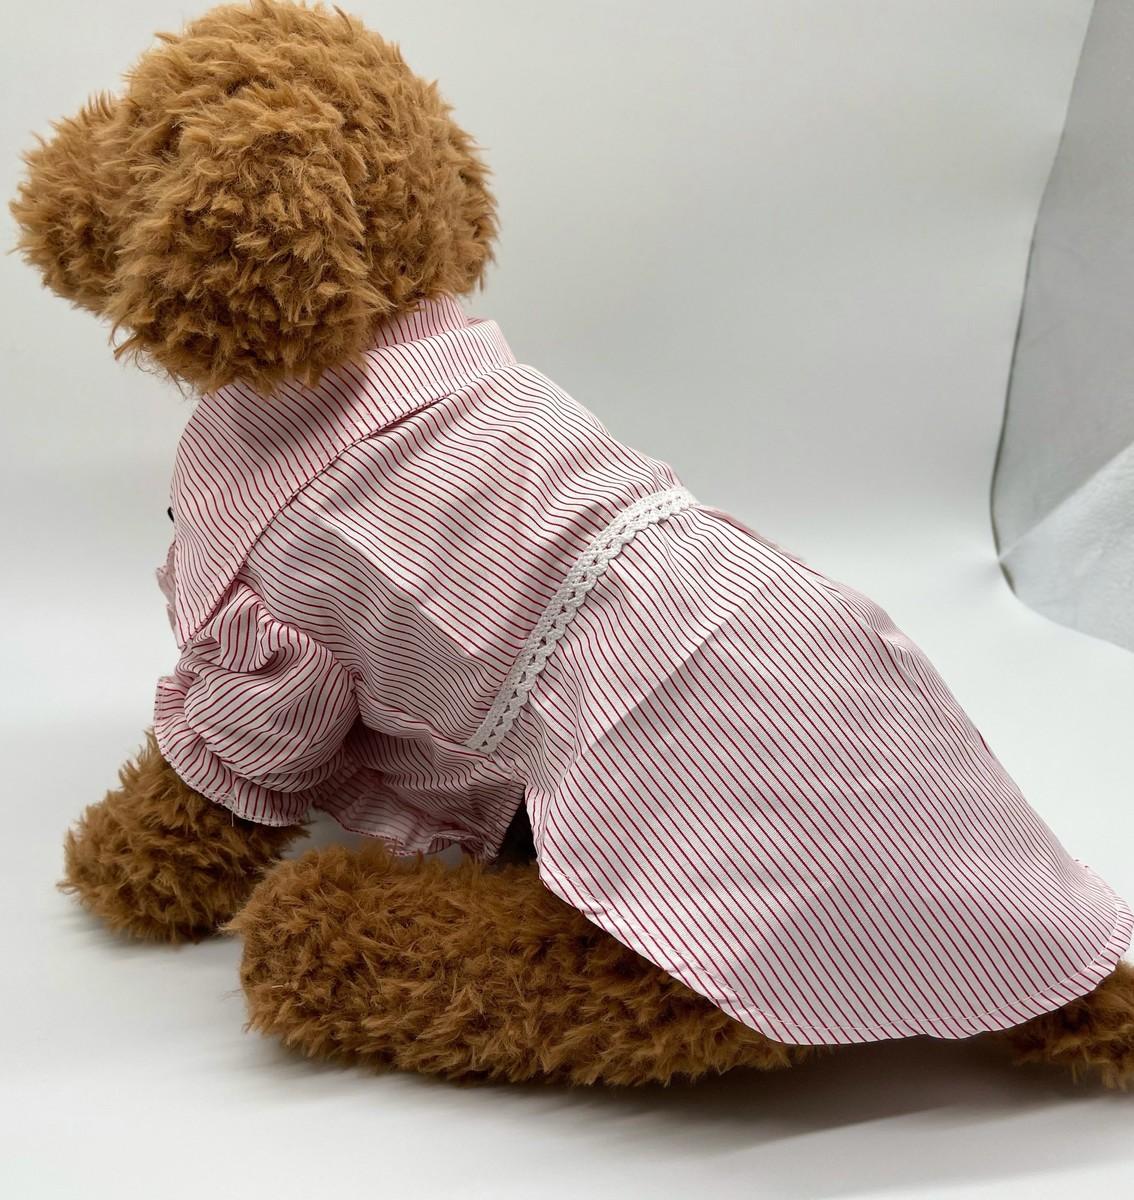 SALENEW大人気! 送料無料 犬用 ペット服 おしゃれ服 ドレス 犬服 ドッグウェア かわいい フォーマルドレス 期間限定お試し価格